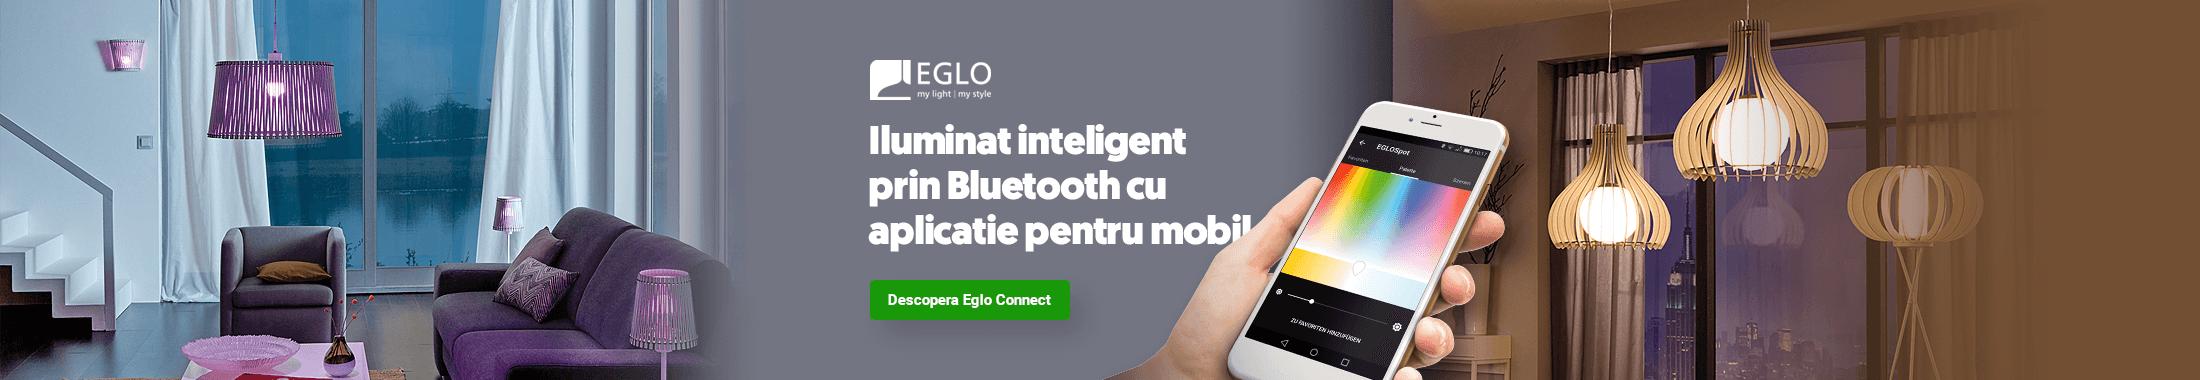 Iluminat inteligent prin Bluetooth cu aplicatie pentru mobil